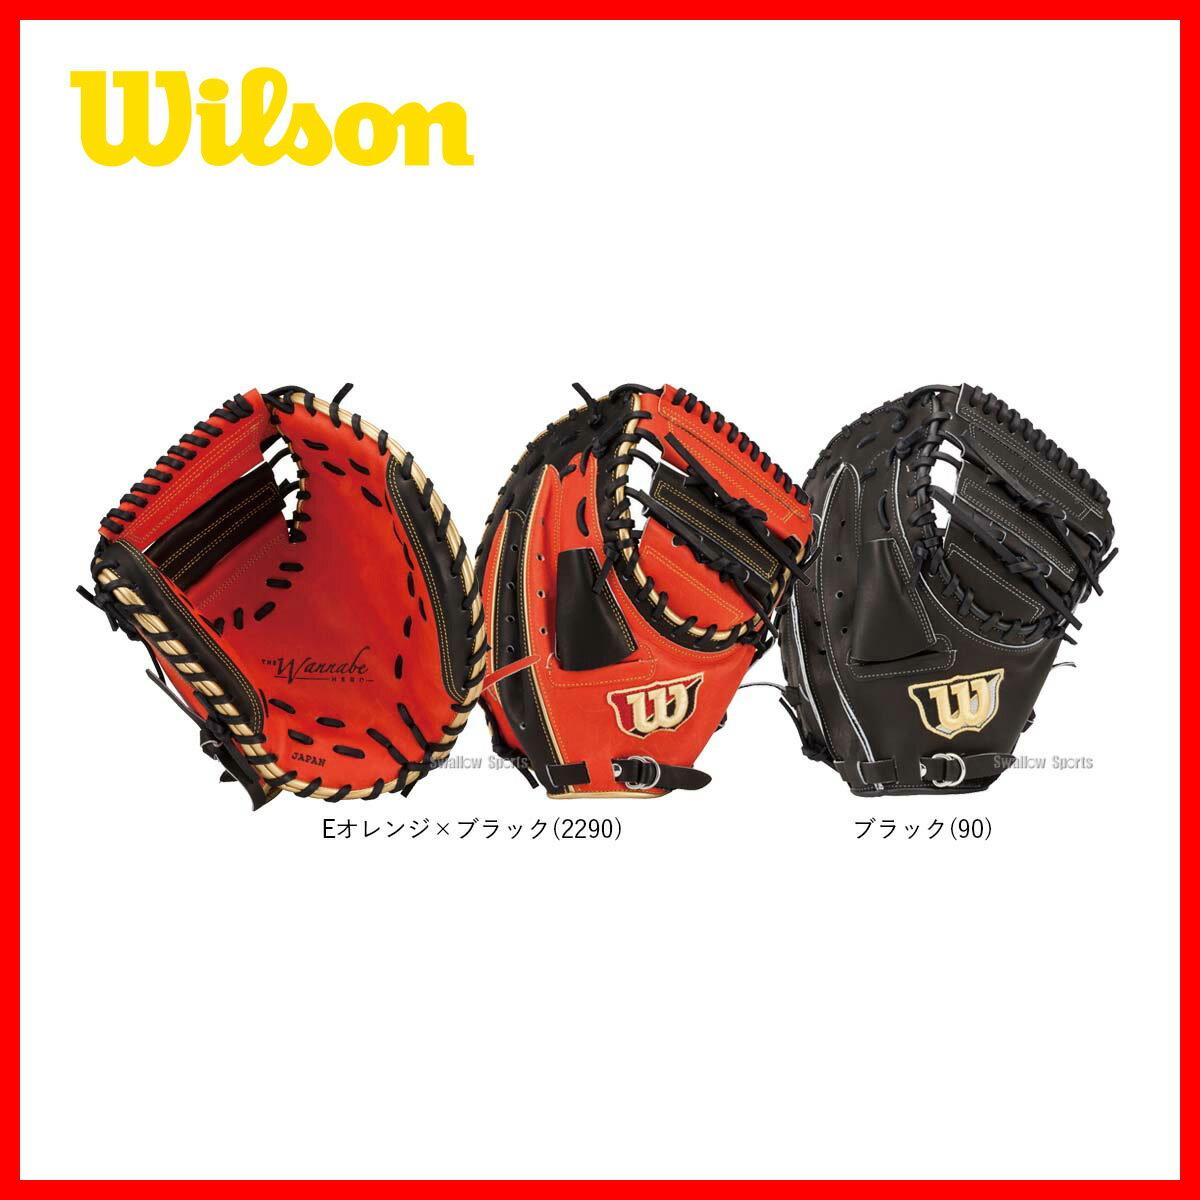 ウィルソン 一般ソフトボール用ミット The Wannabe Hero 捕手/一塁手兼用 WTASWQ3SZx ※ラベル交換不可 野球用品 スワロースポーツ